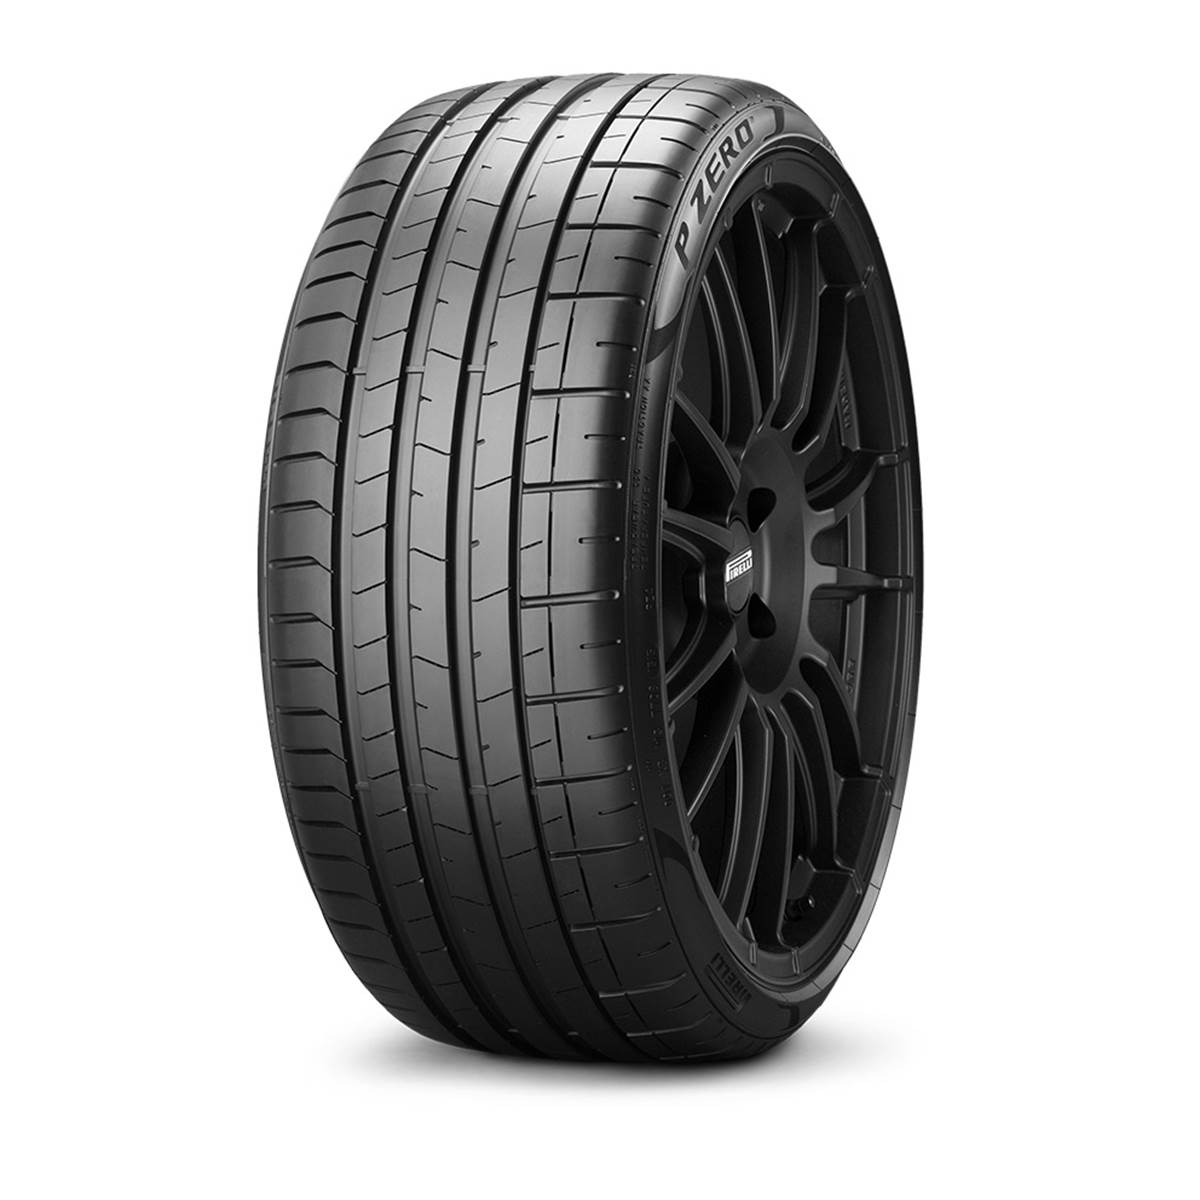 Pneu Pirelli 305/30R20 103Y Pzero XL